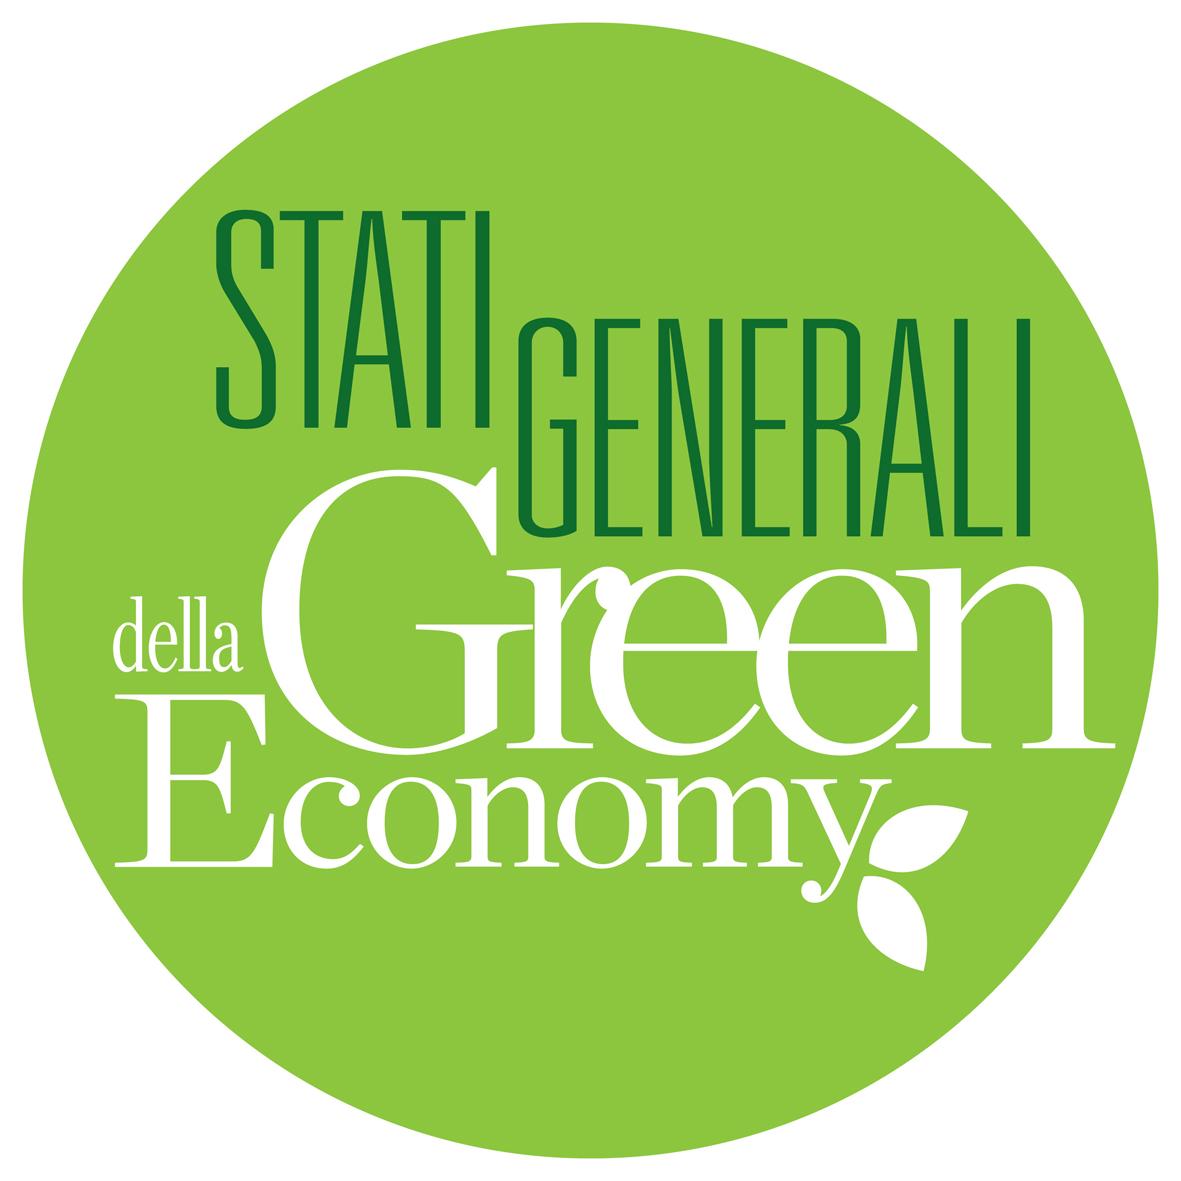 stati-generali-green.png